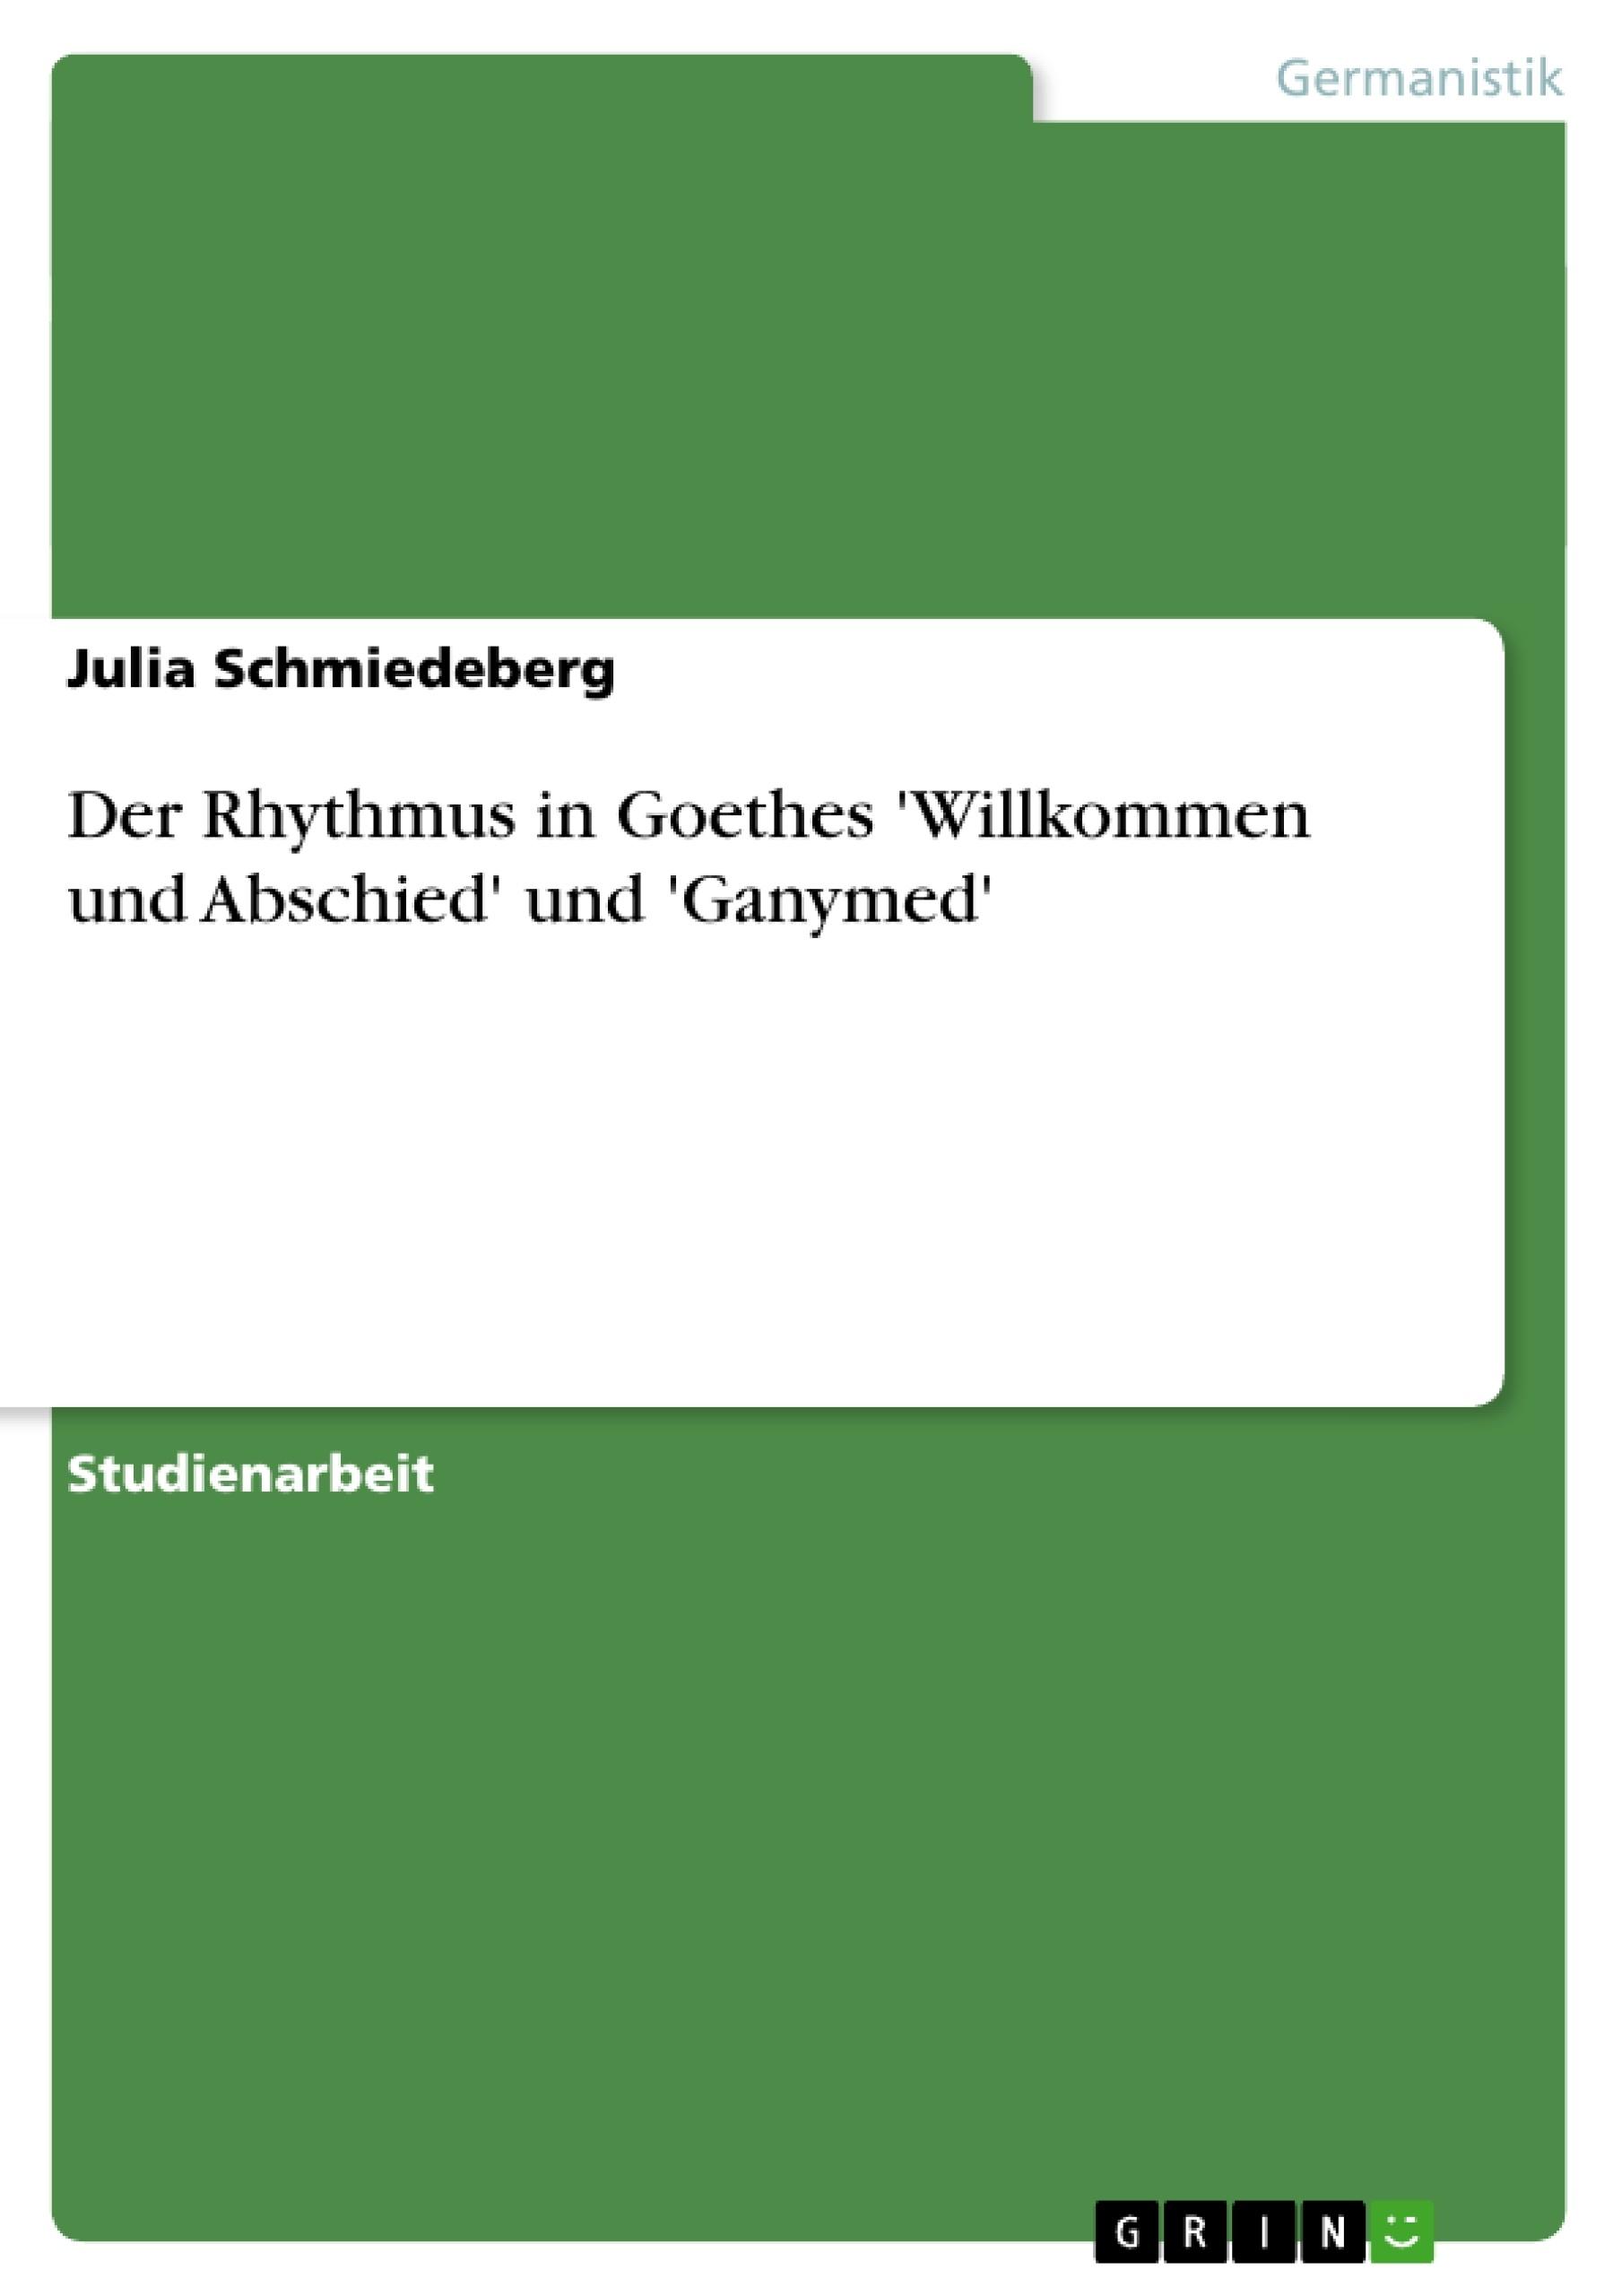 Titel: Der Rhythmus in Goethes 'Willkommen und Abschied' und 'Ganymed'